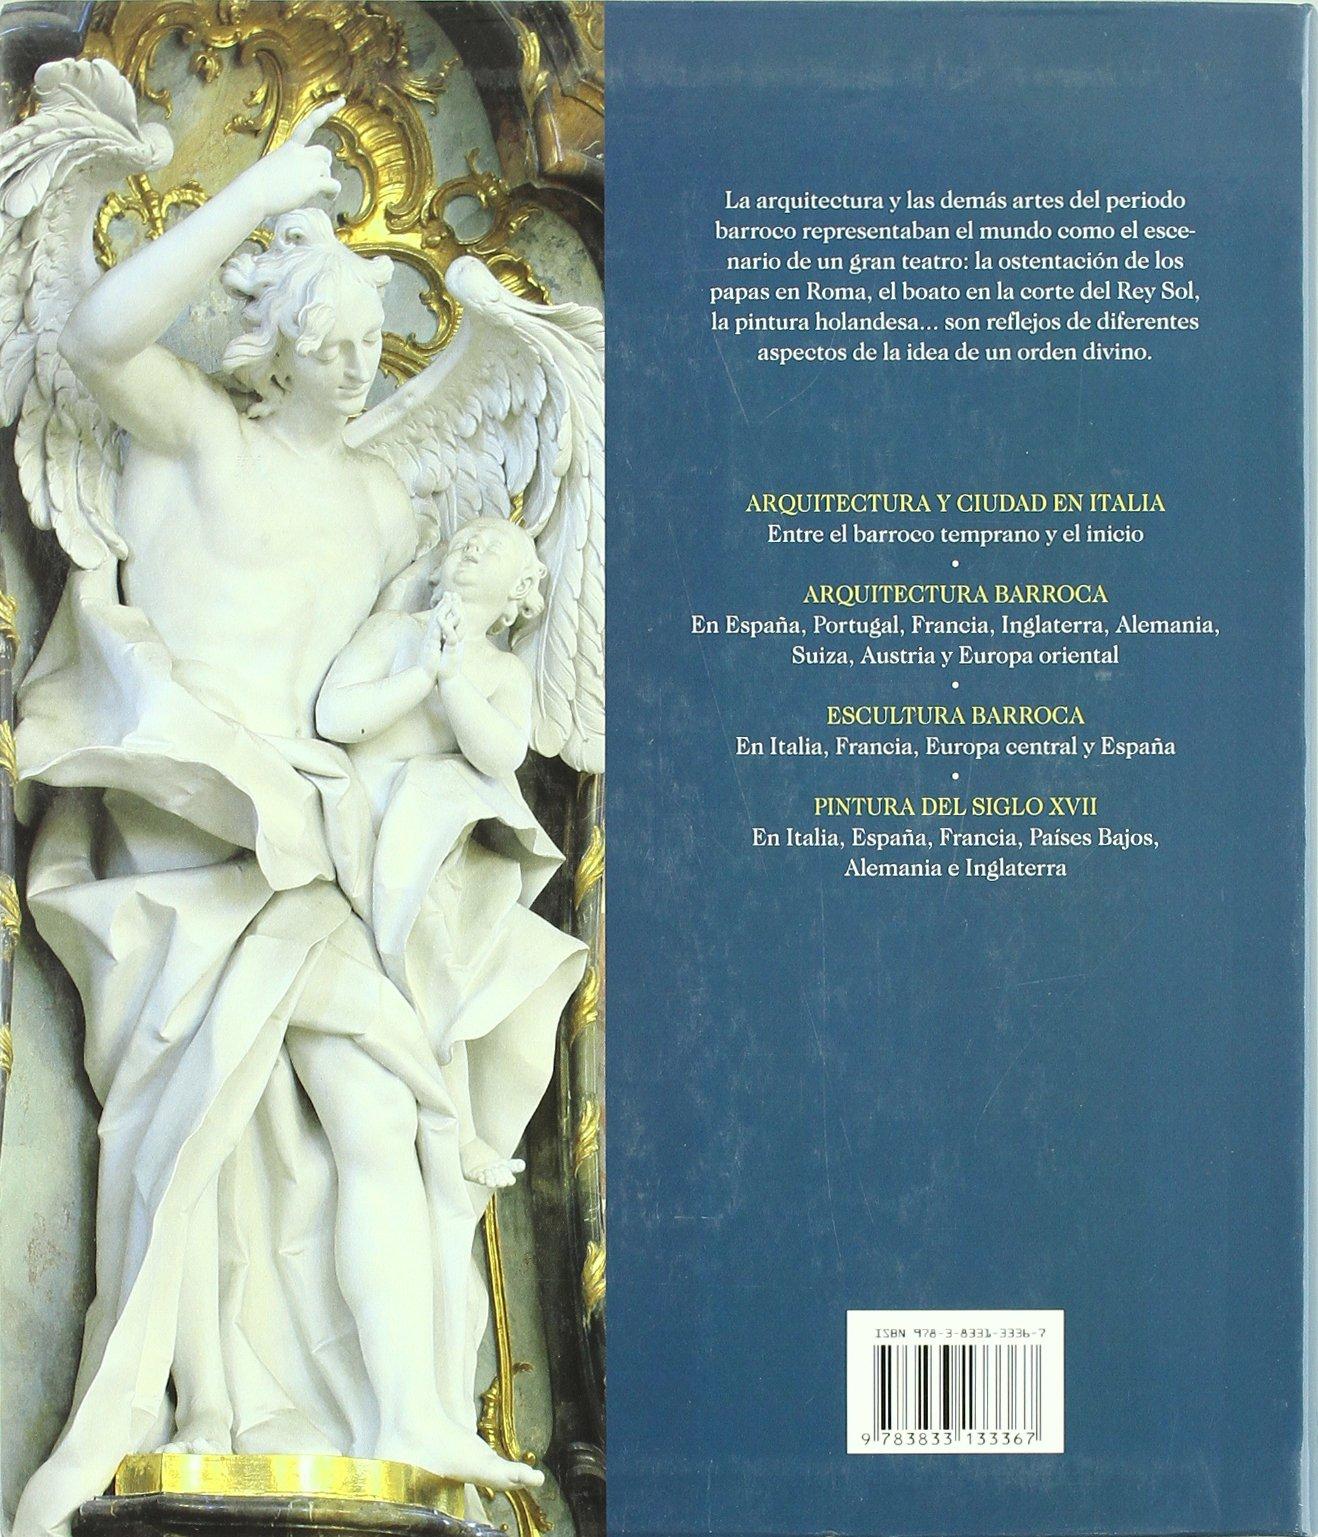 Barroco - arquitectura, escultura, pintura: Amazon.es: Toman, Rolf: Libros